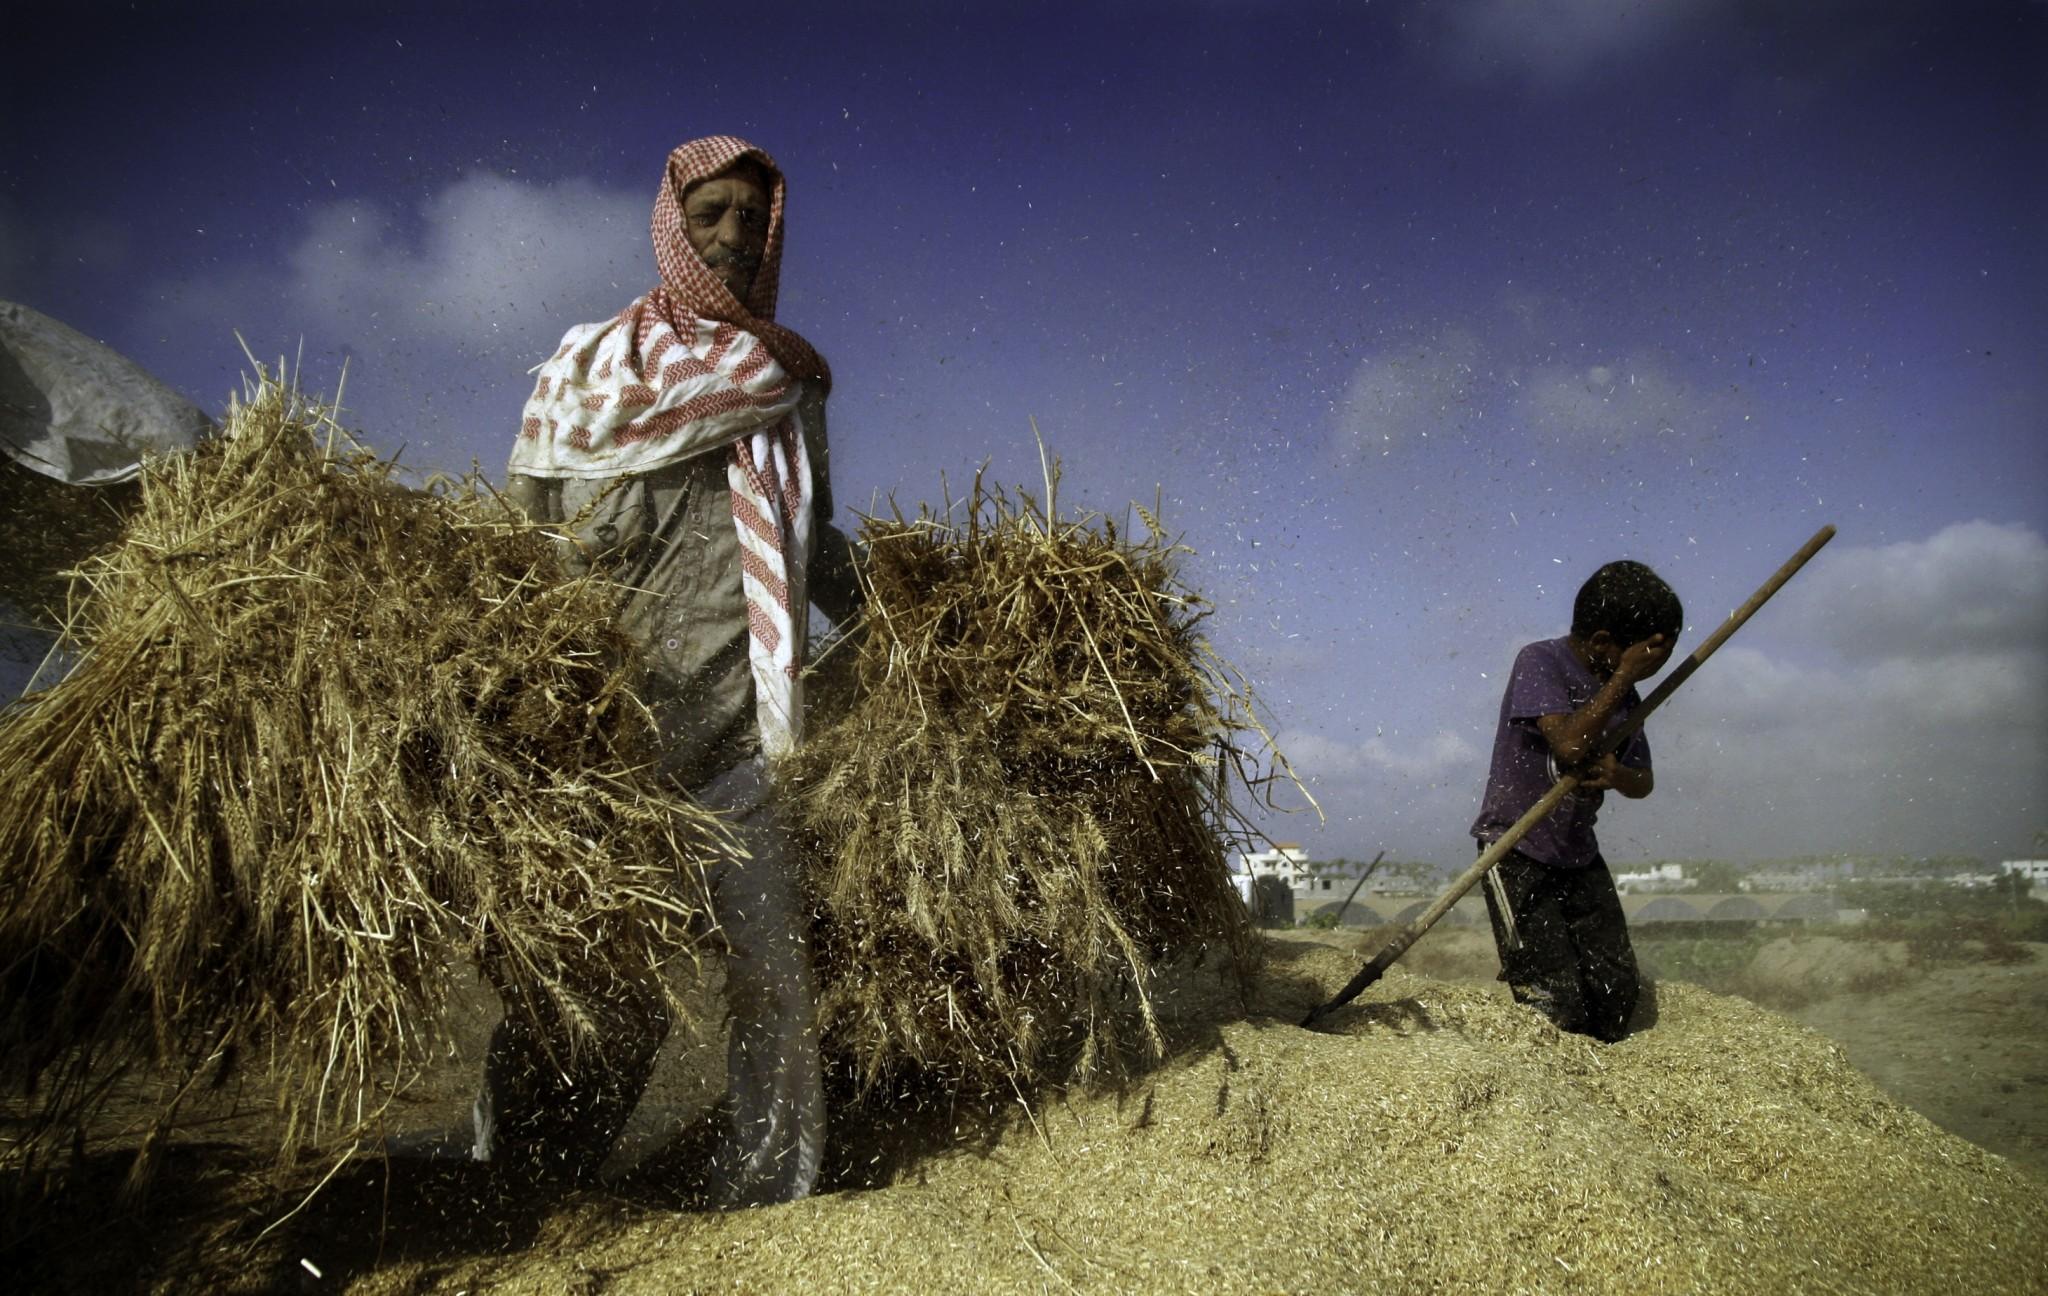 أحد الأهداف الرئيسية لفرض الإغلاق على قطاع غزة، وبشكل مُعلن، كانت الحرب الاقتصادية، وإسرائيل كانت قد فرضت ولا تزال تفرض سلسلة من التقييدات الاقتصادية على القطاع، والتي أعاقت إلى حد كبير نمو اقتصاد مزدهر. تصوير: إيمان محمد